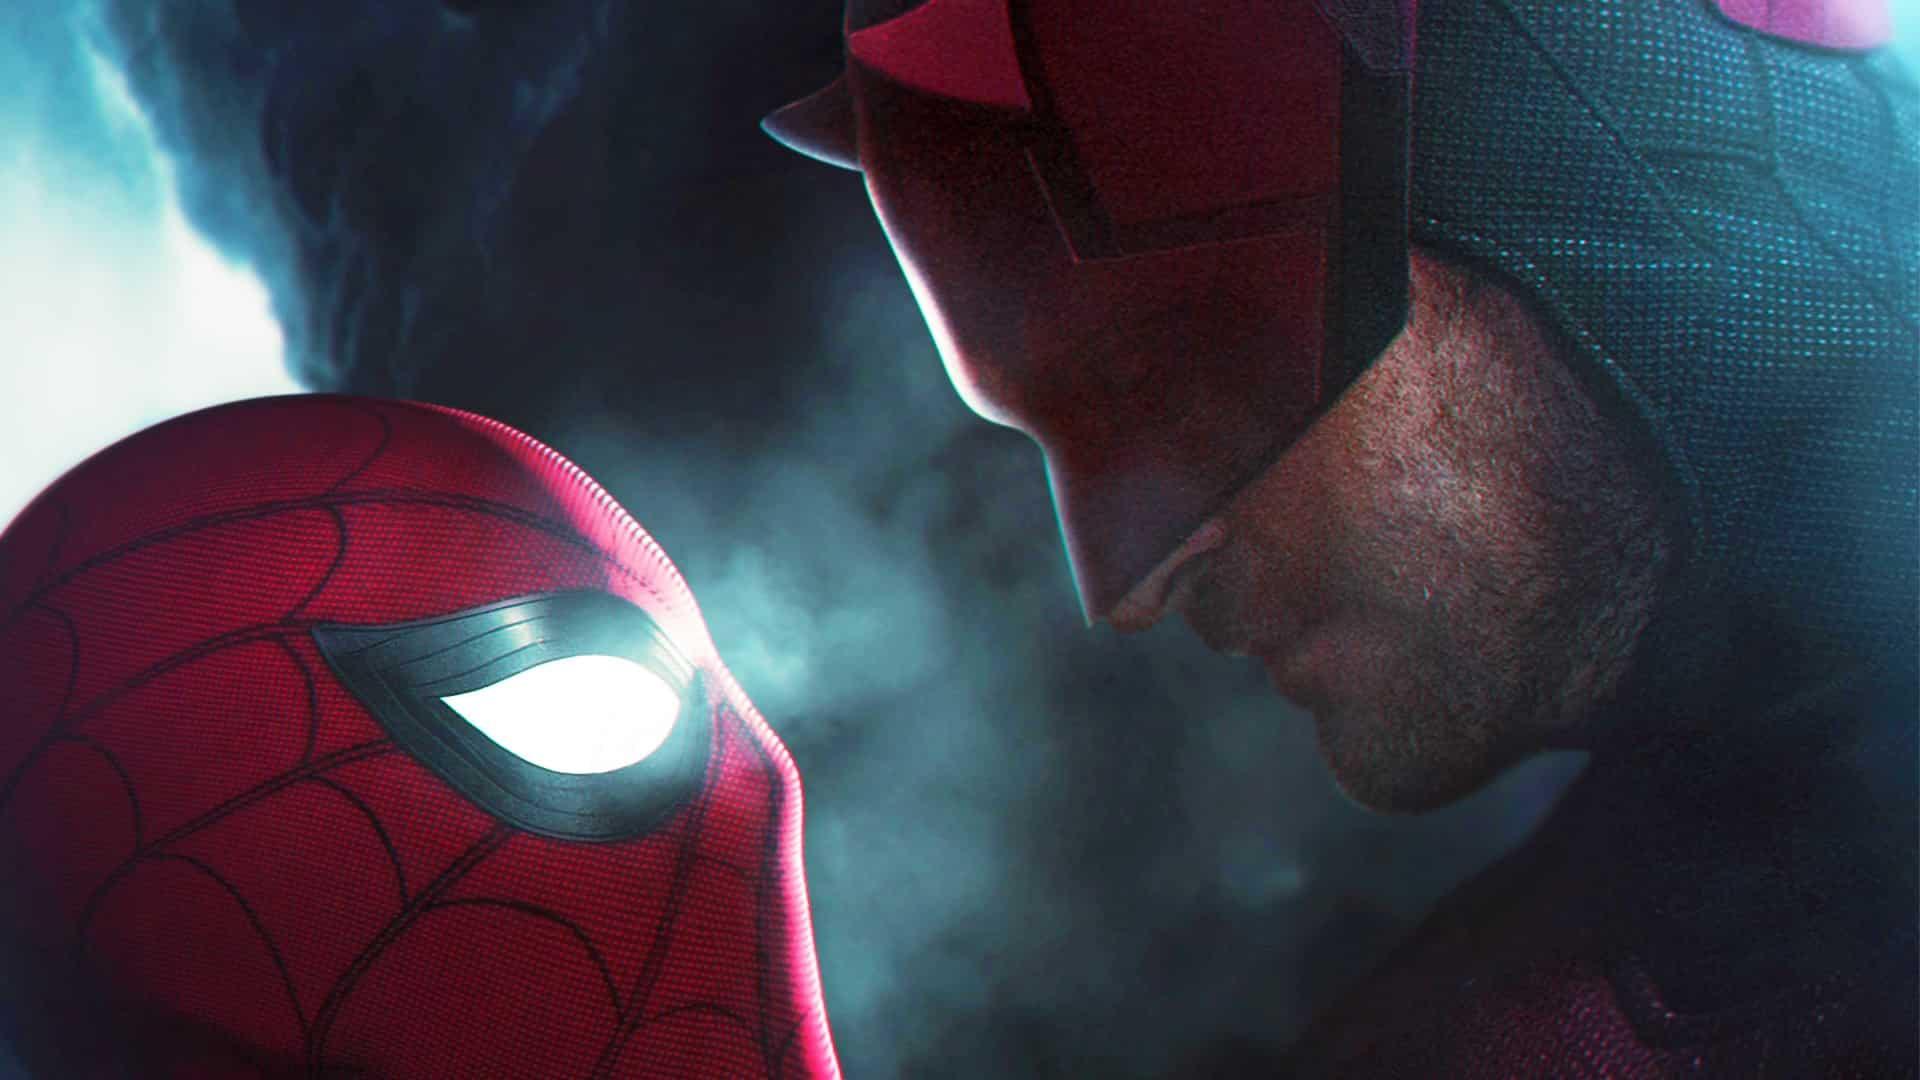 Charlie Cox Daredevil Spider-Man 3